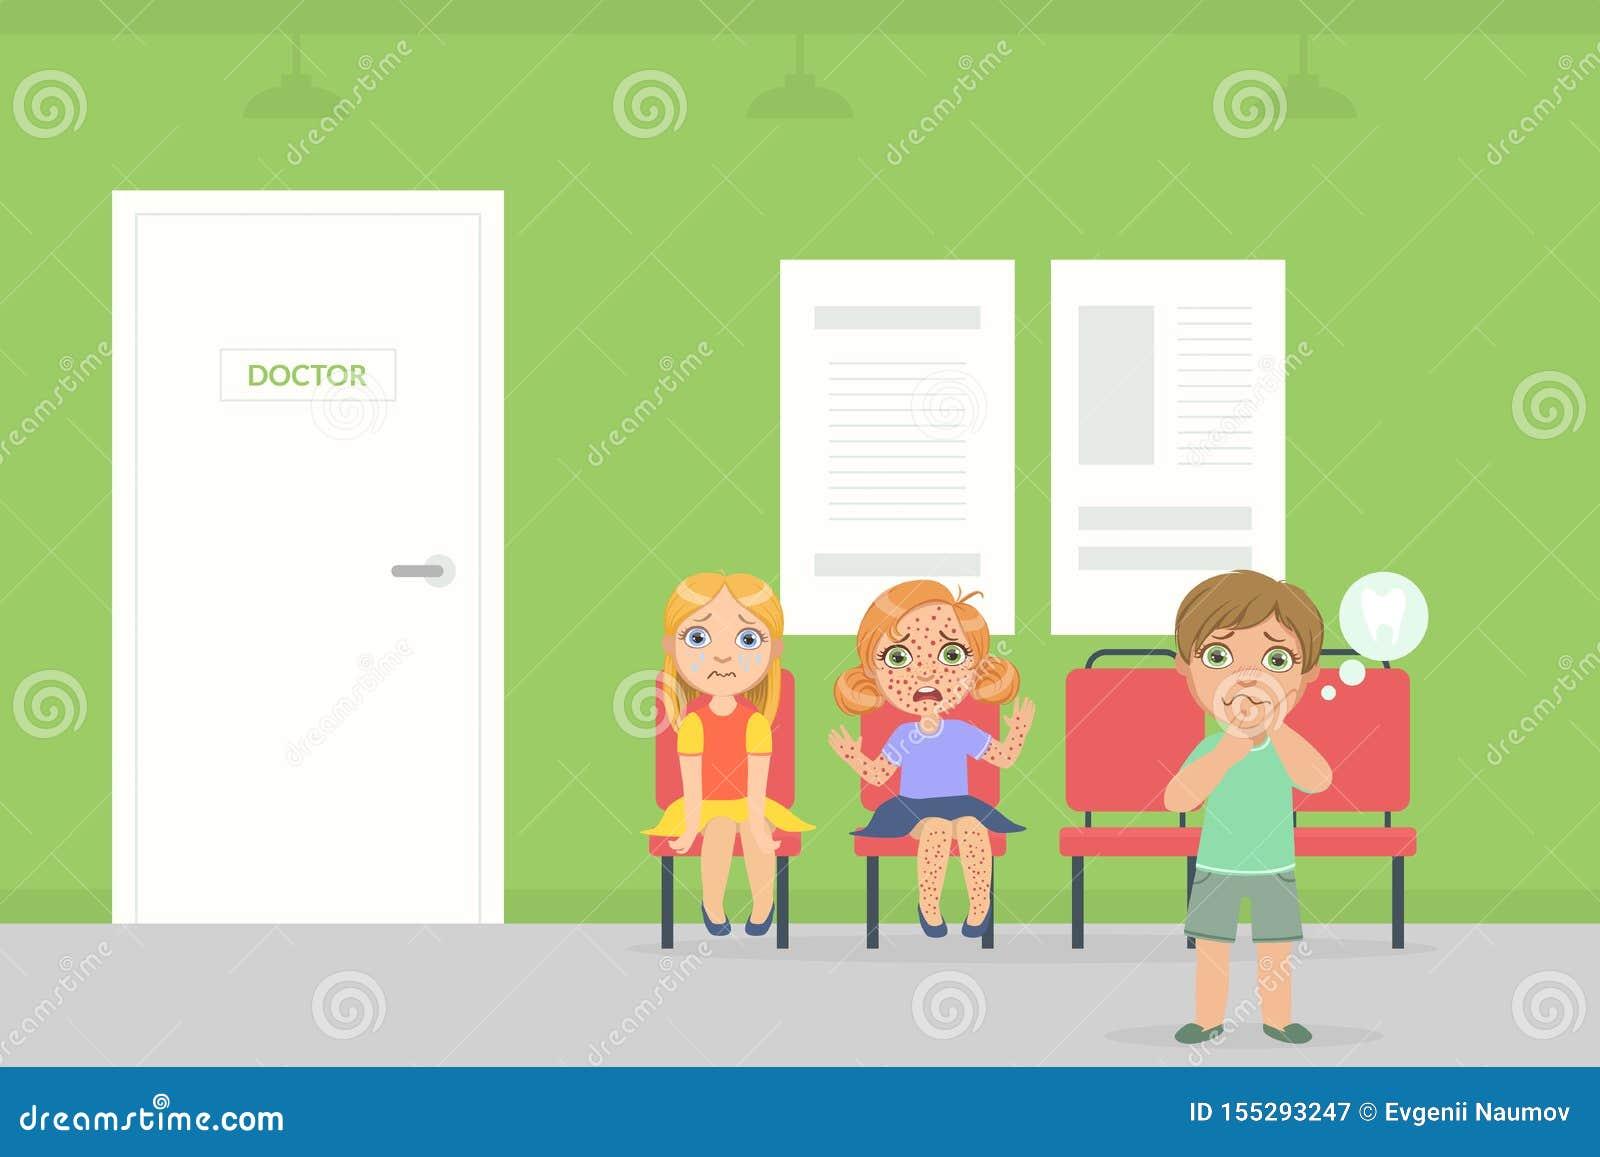 Chaises Salle D Attente Cabinet Medical salle d'attente pour des enfants dans l'hôpital, des enfants